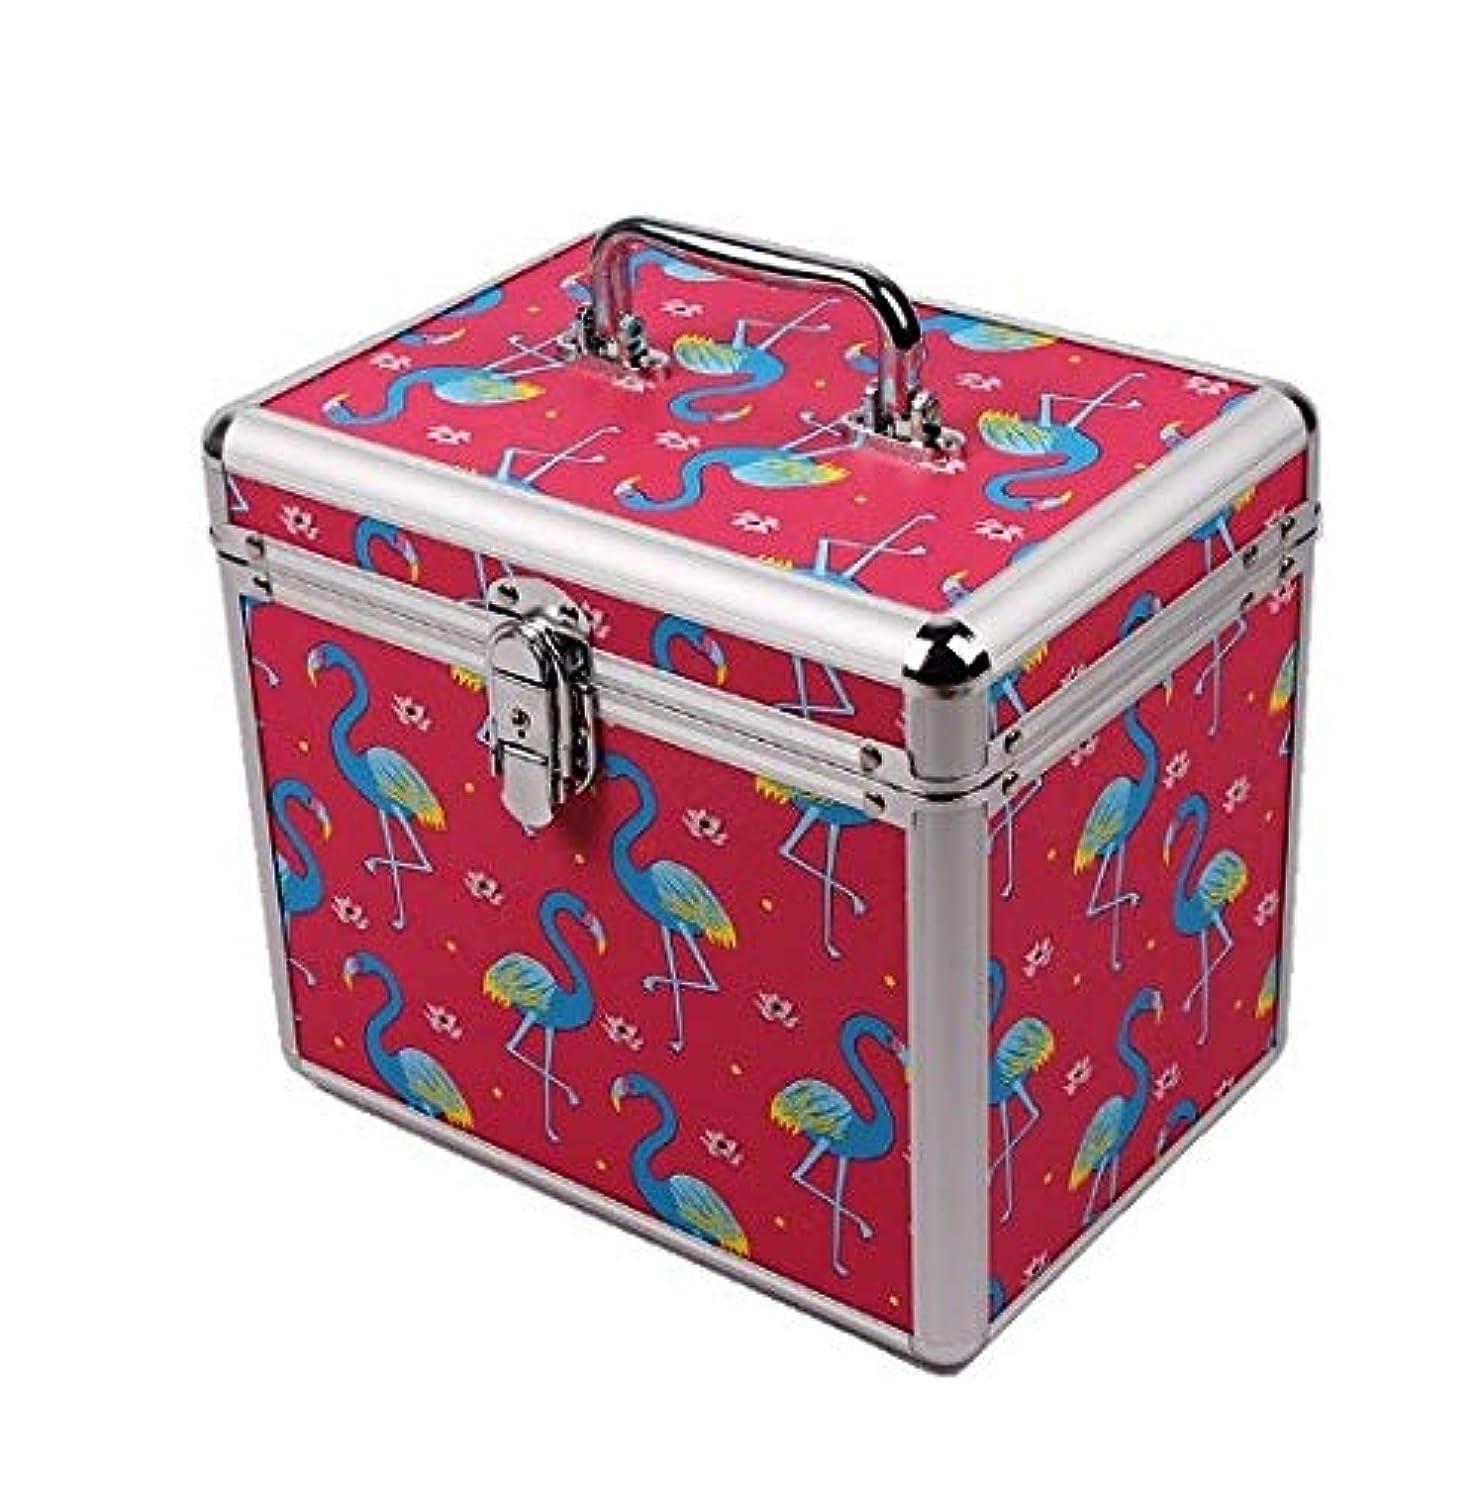 ステレオタイプホストシルエット化粧品ケース、ポータブル二重層ロックフットバス技術者ポータブルツールボックス、ポータブル旅行化粧品ケース、美容ネイルジュエリー収納ボックス (Design : 1#)